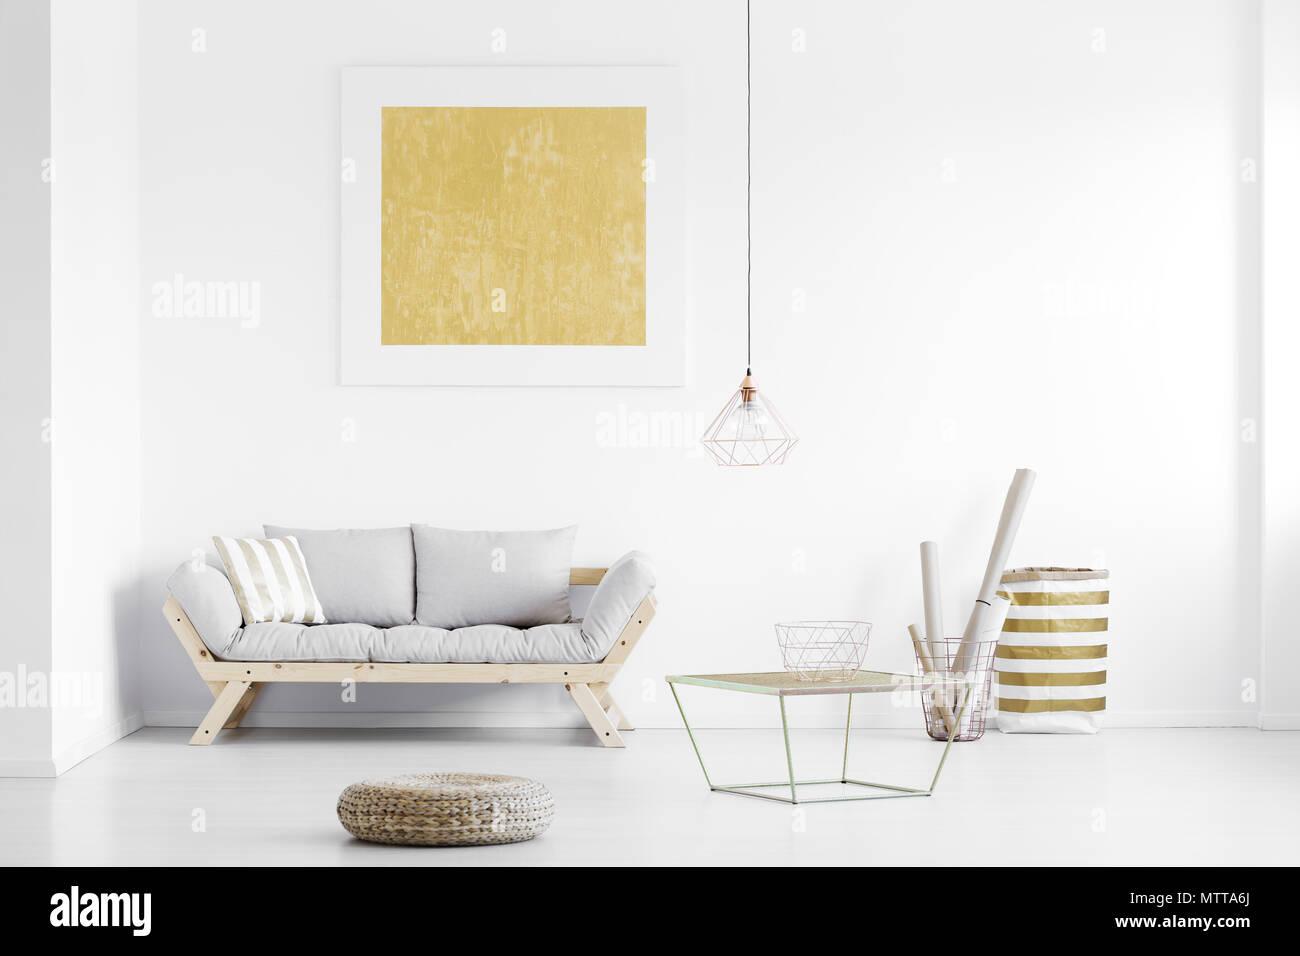 Golden Plakat Auf Weisser Wand Uber Holz Couch In Helles Wohnzimmer